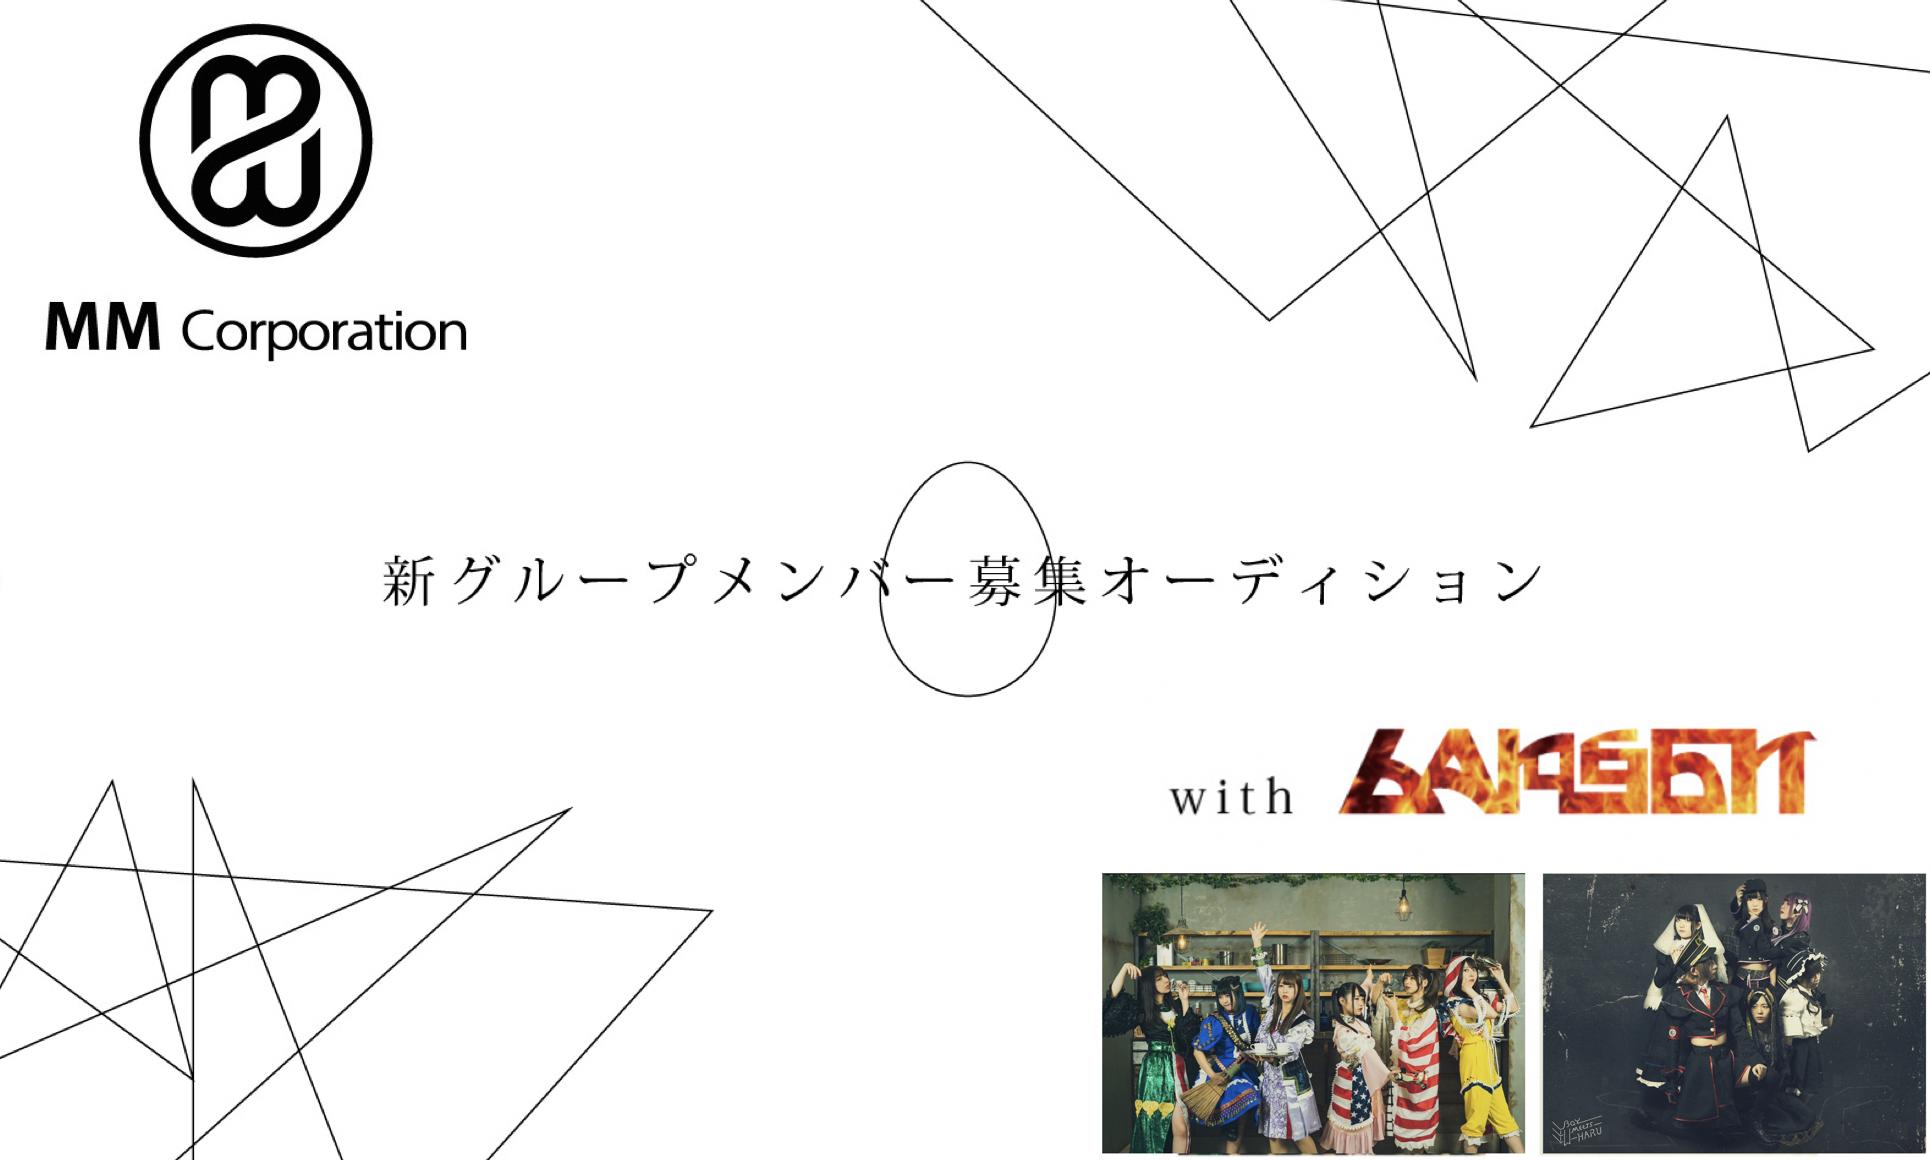 オーディション MM Corporation 王道アイドル初期メンバー募集 王道アイドル、ロックアイドルの好きな方 主催:株式会社MM Corporation エンターテイメント事業部、カテゴリ:アイドル(正統派)